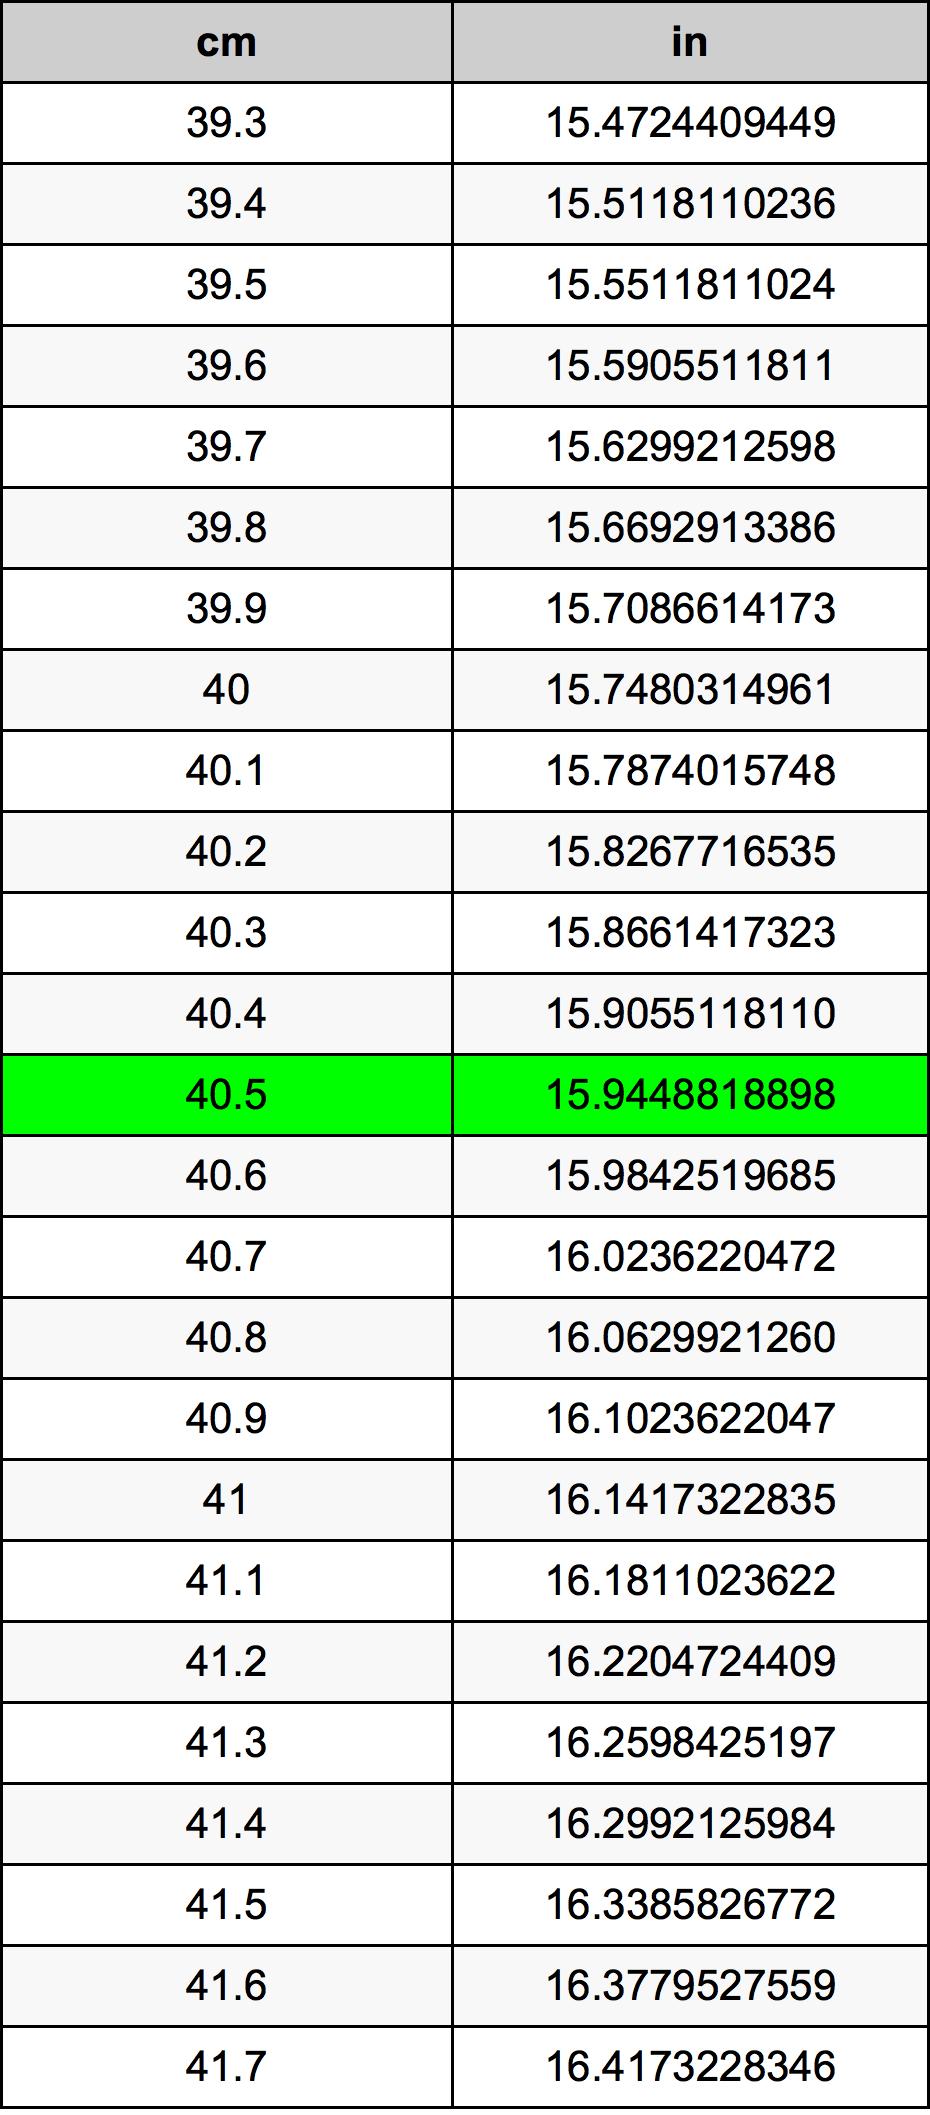 40.5 сантиметр Таблиця перетворення